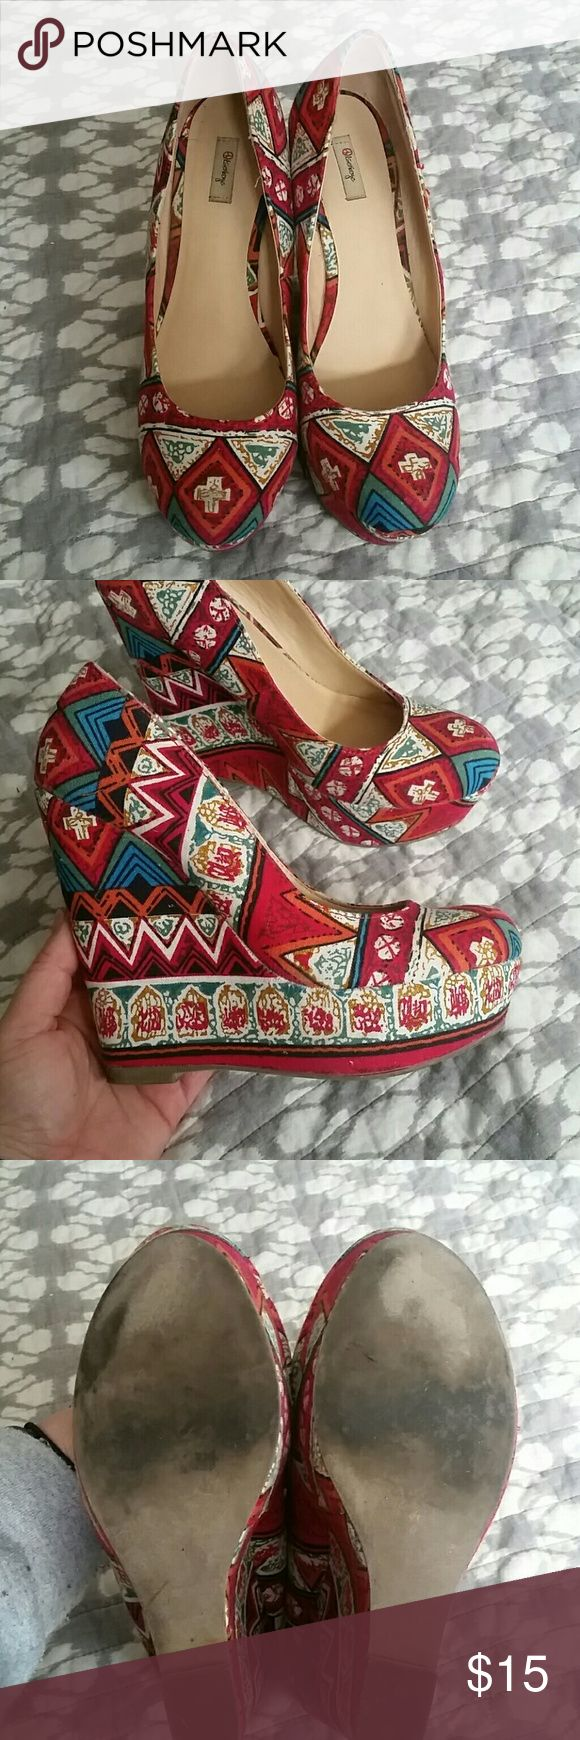 Aztec pumps Super fun bright heels! Worn a few times Shoes Heels